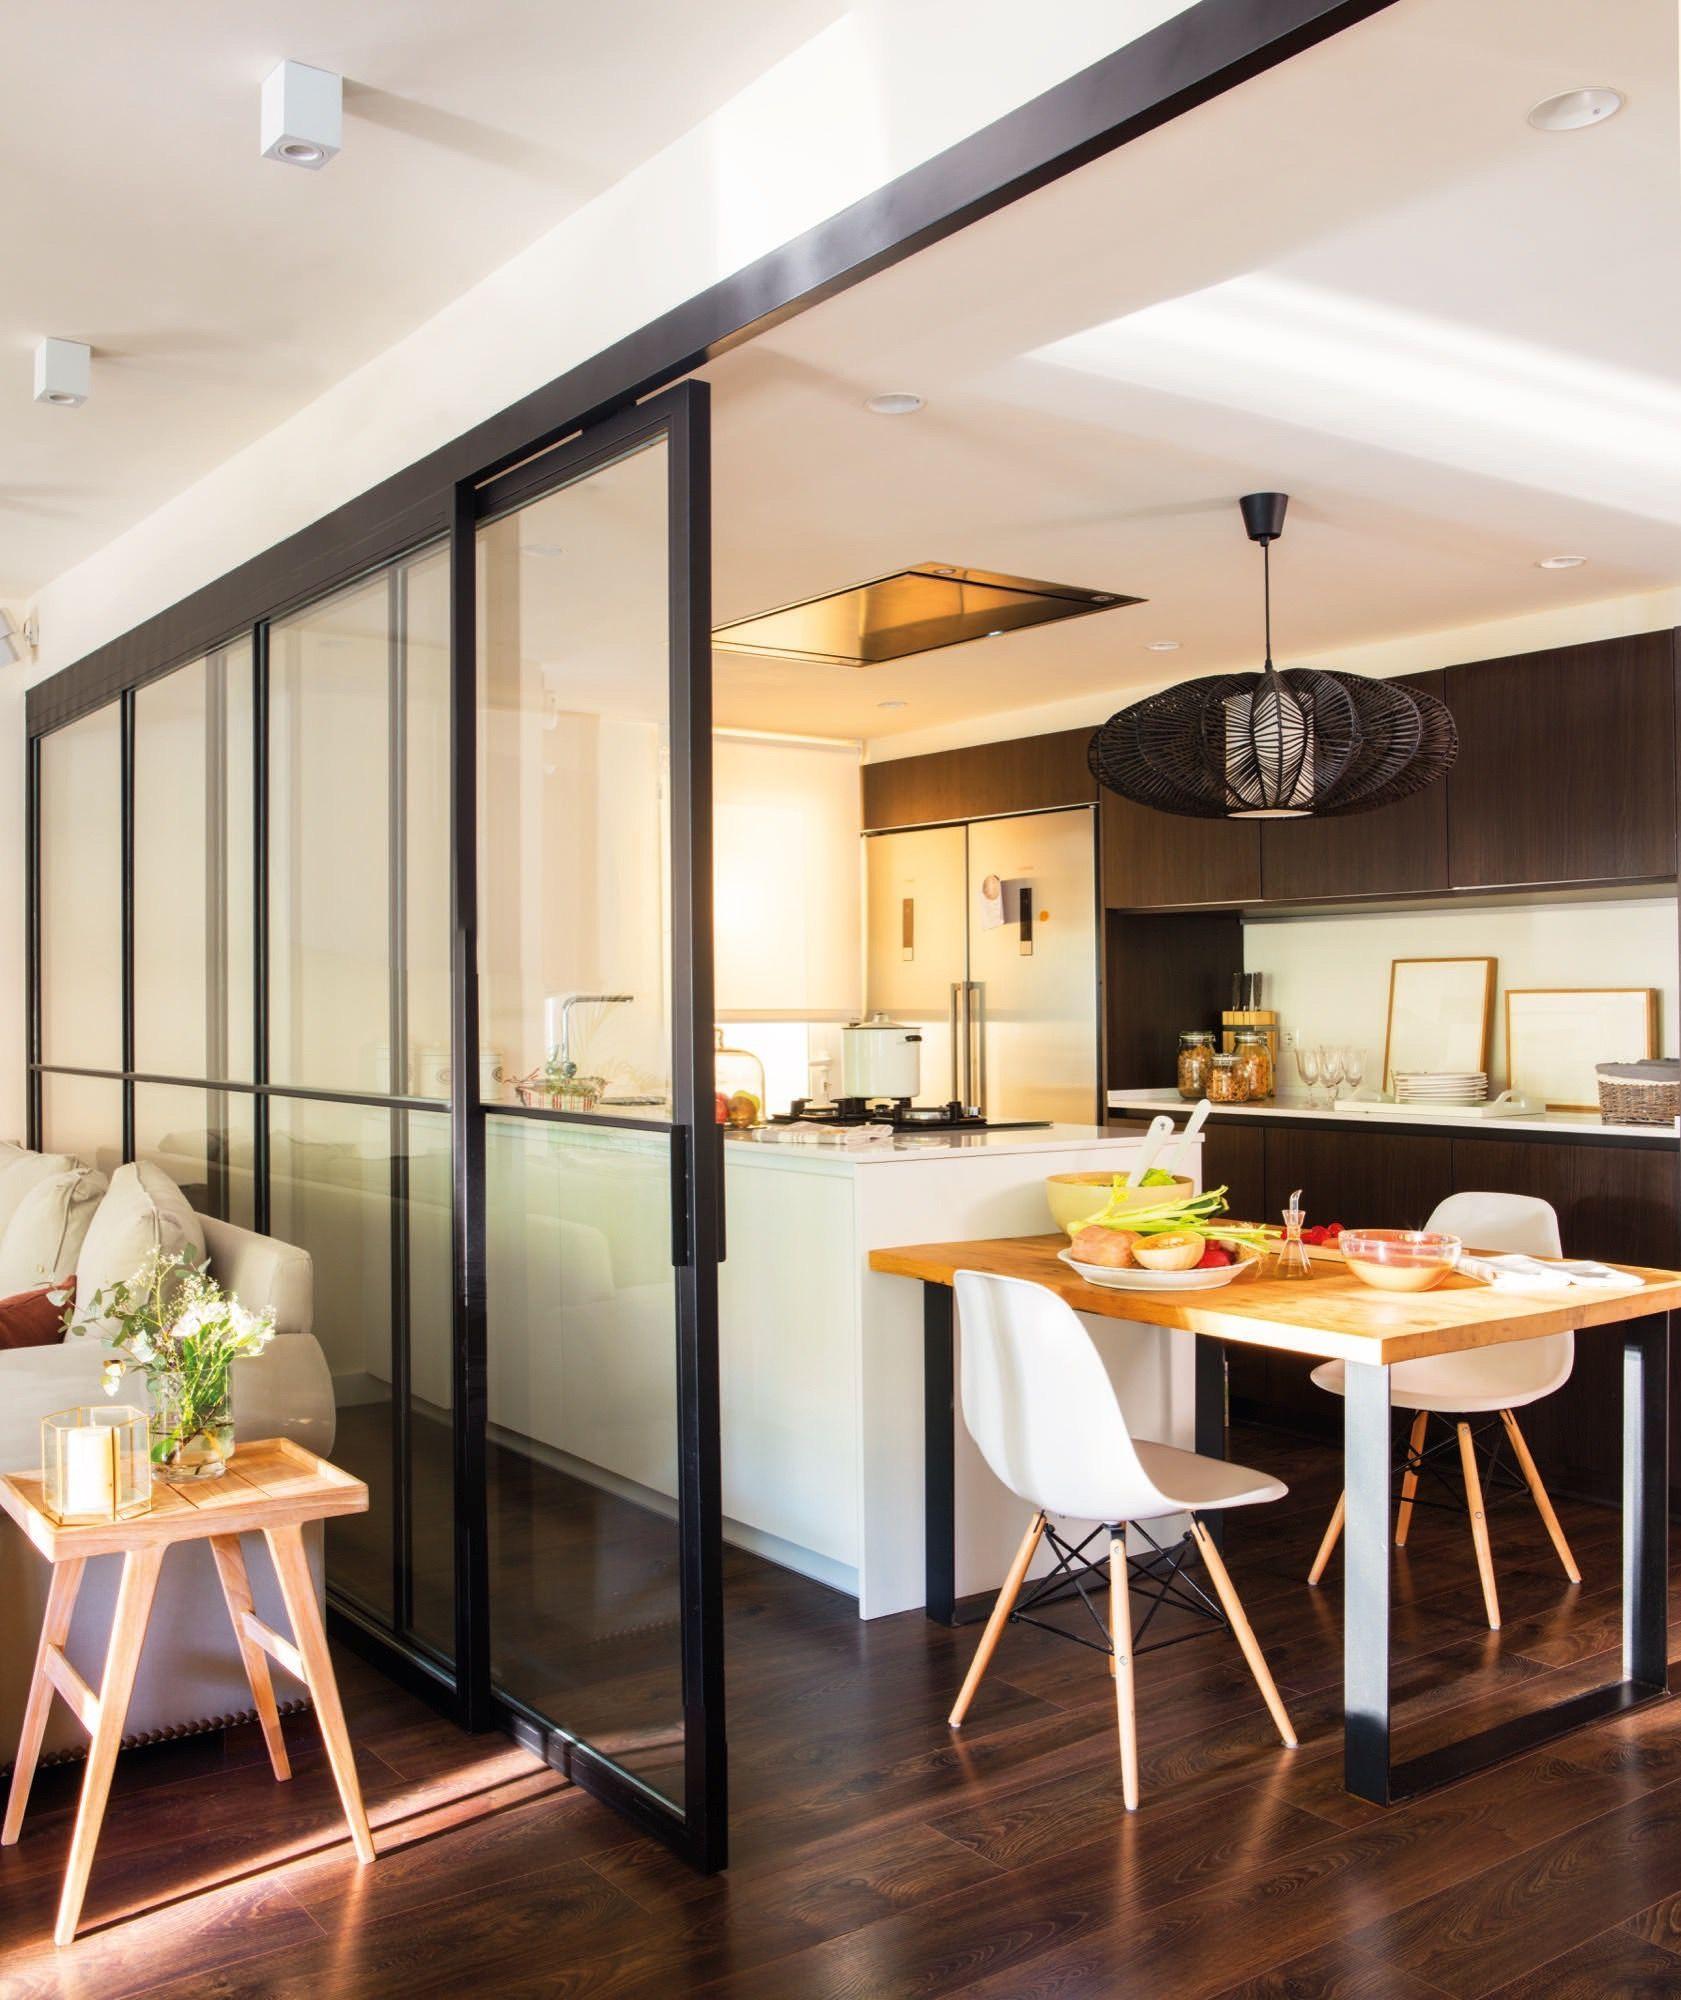 office y cocina con puerta corredera abierta al saln - Puertas Correderas Cocina